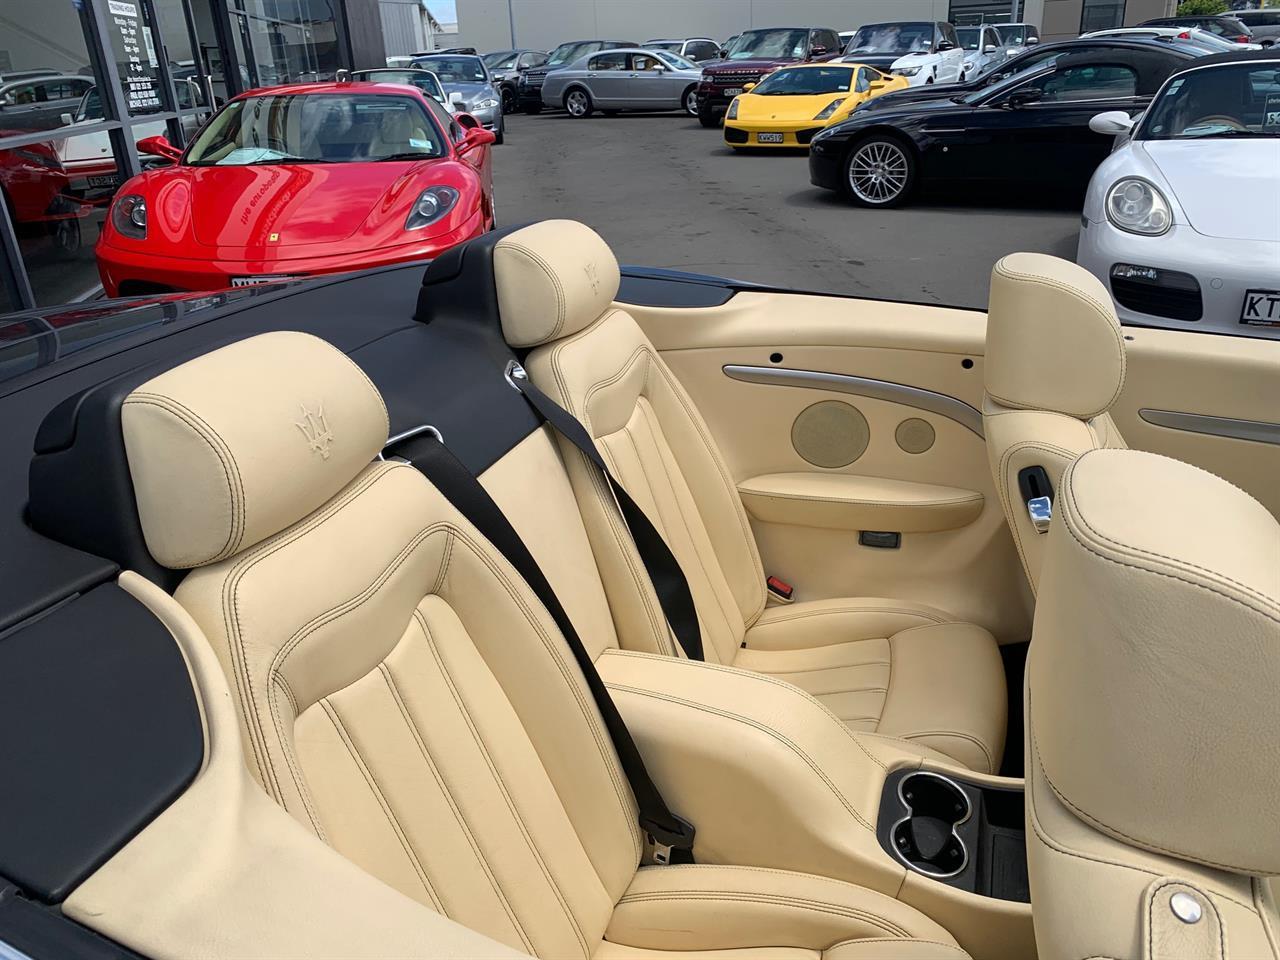 image-8, 2012 Maserati GranCabrio 4.7 V8 Roadster at Christchurch